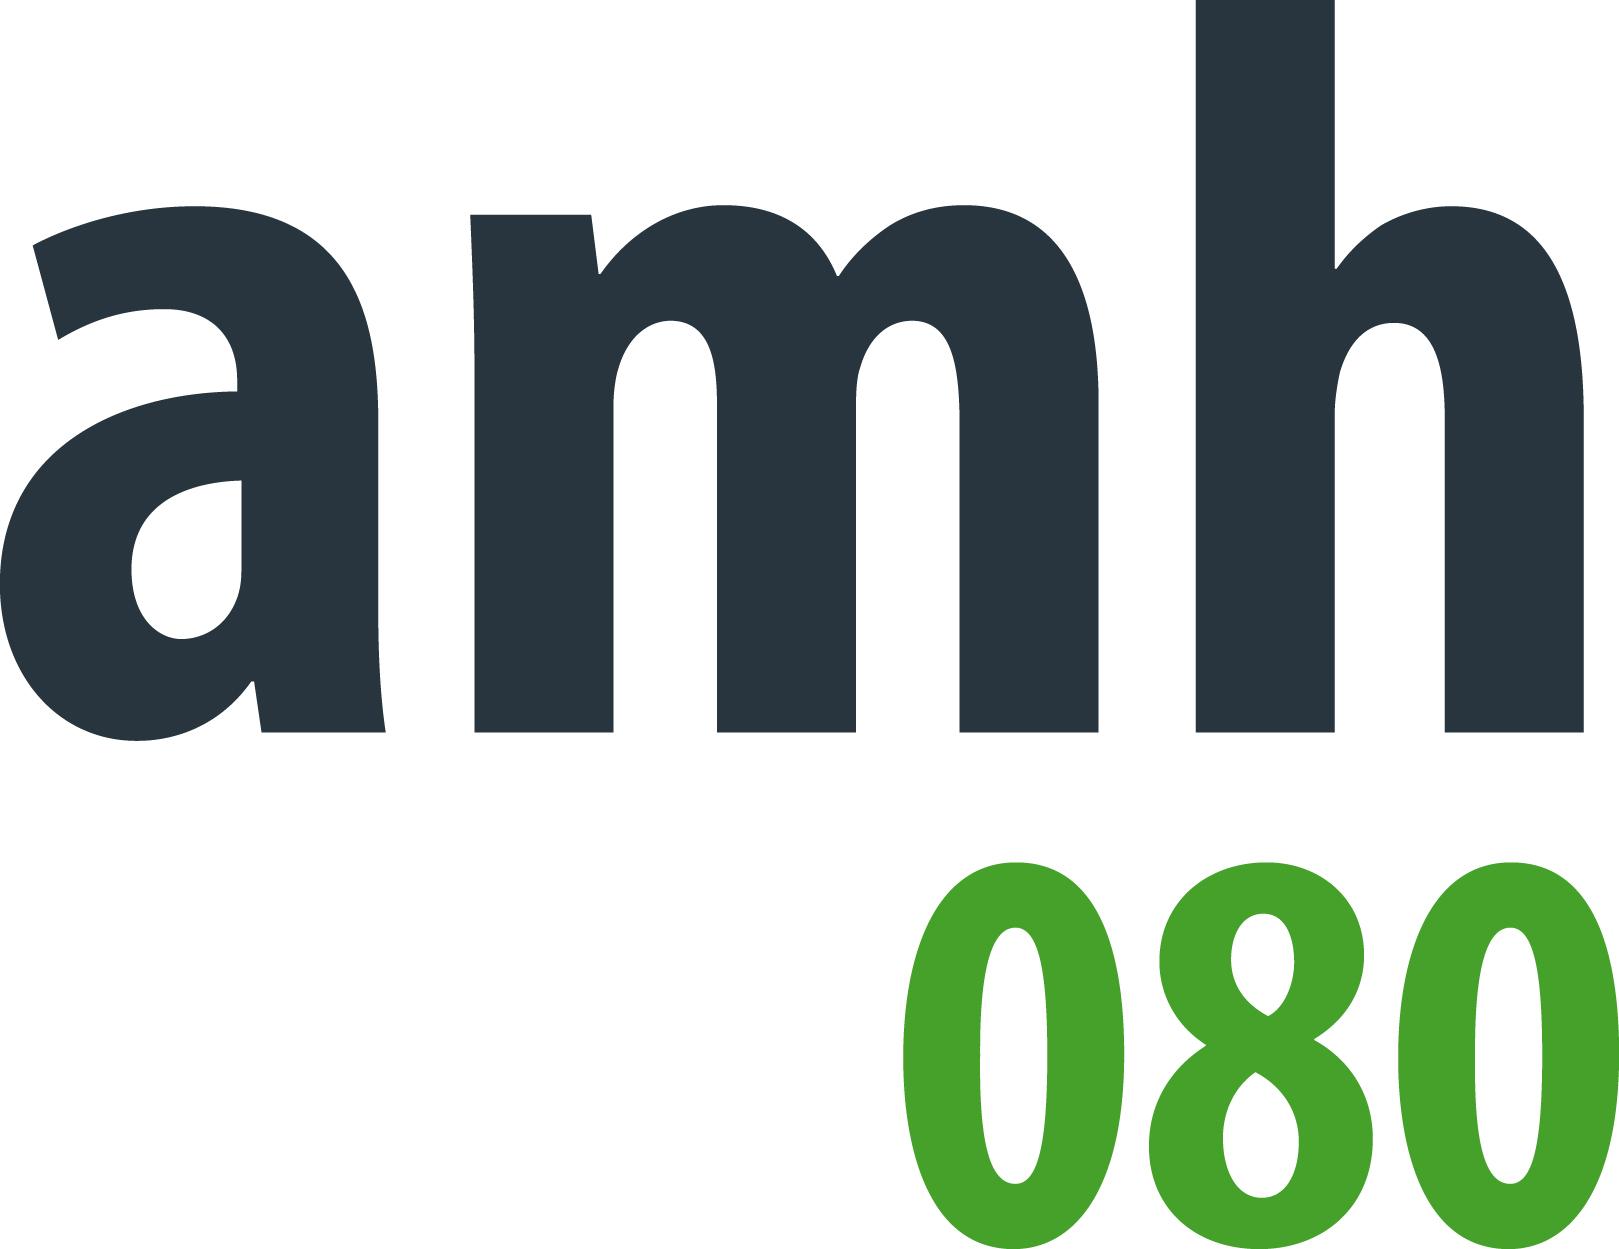 amh080